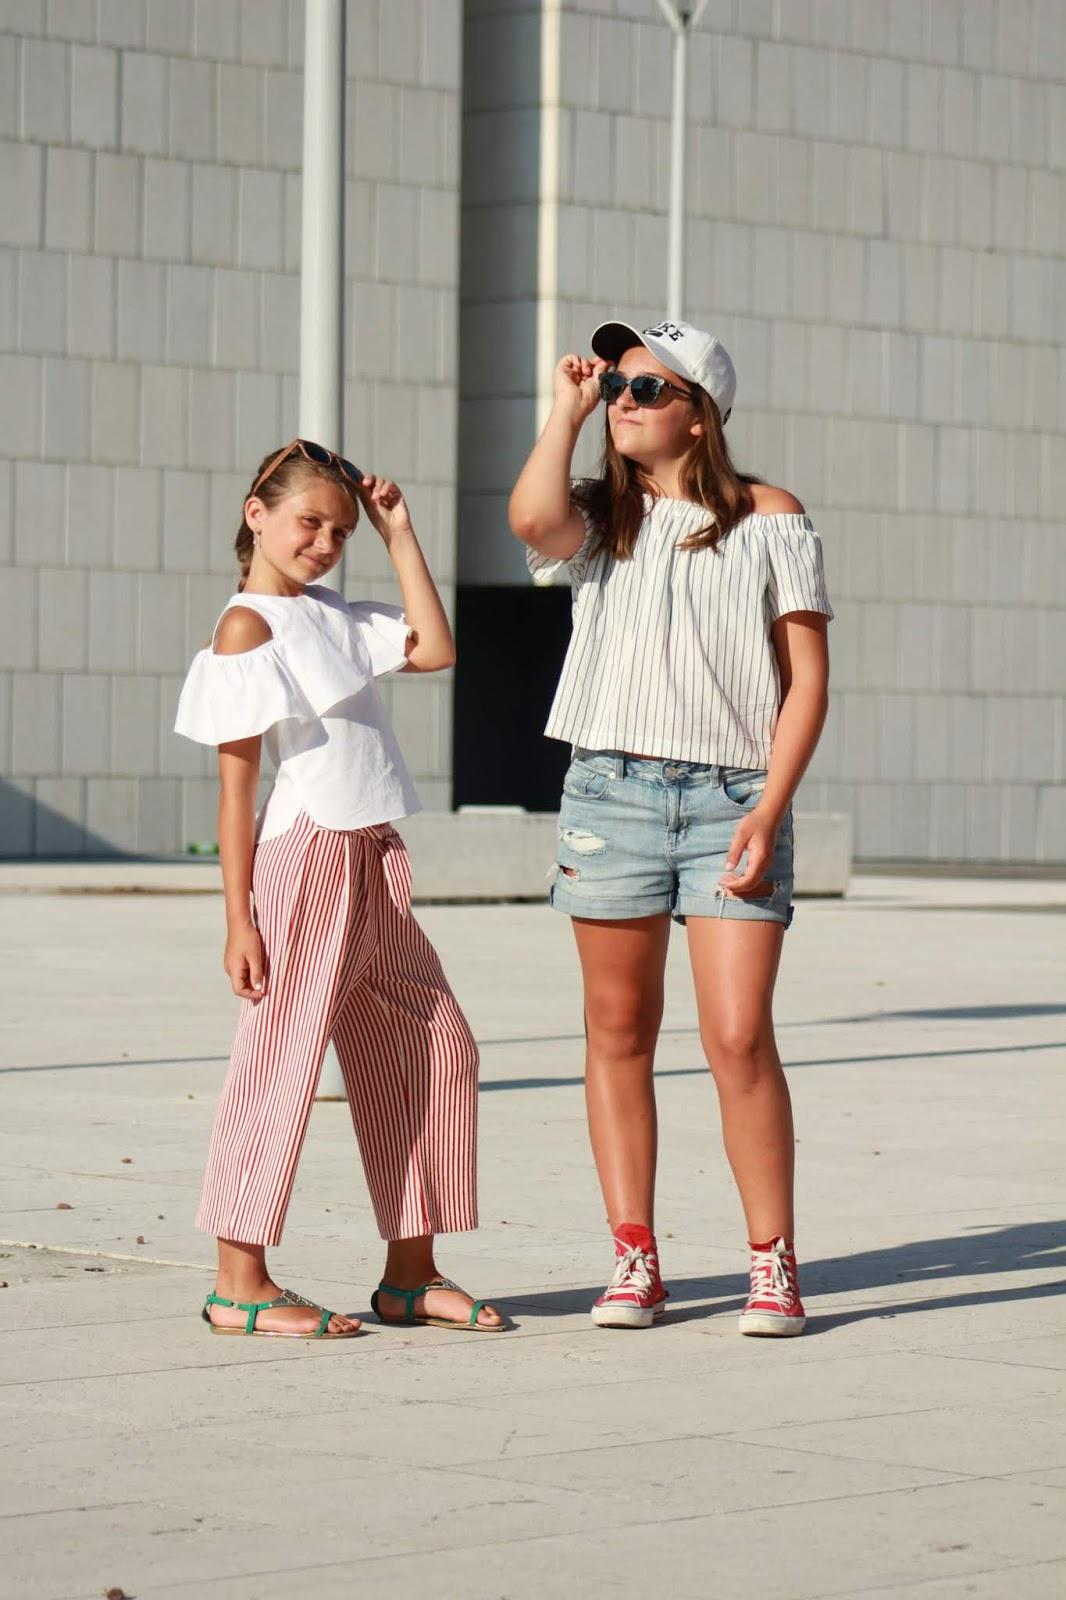 Eniwhere Fashion - Esperienza da personal shopper